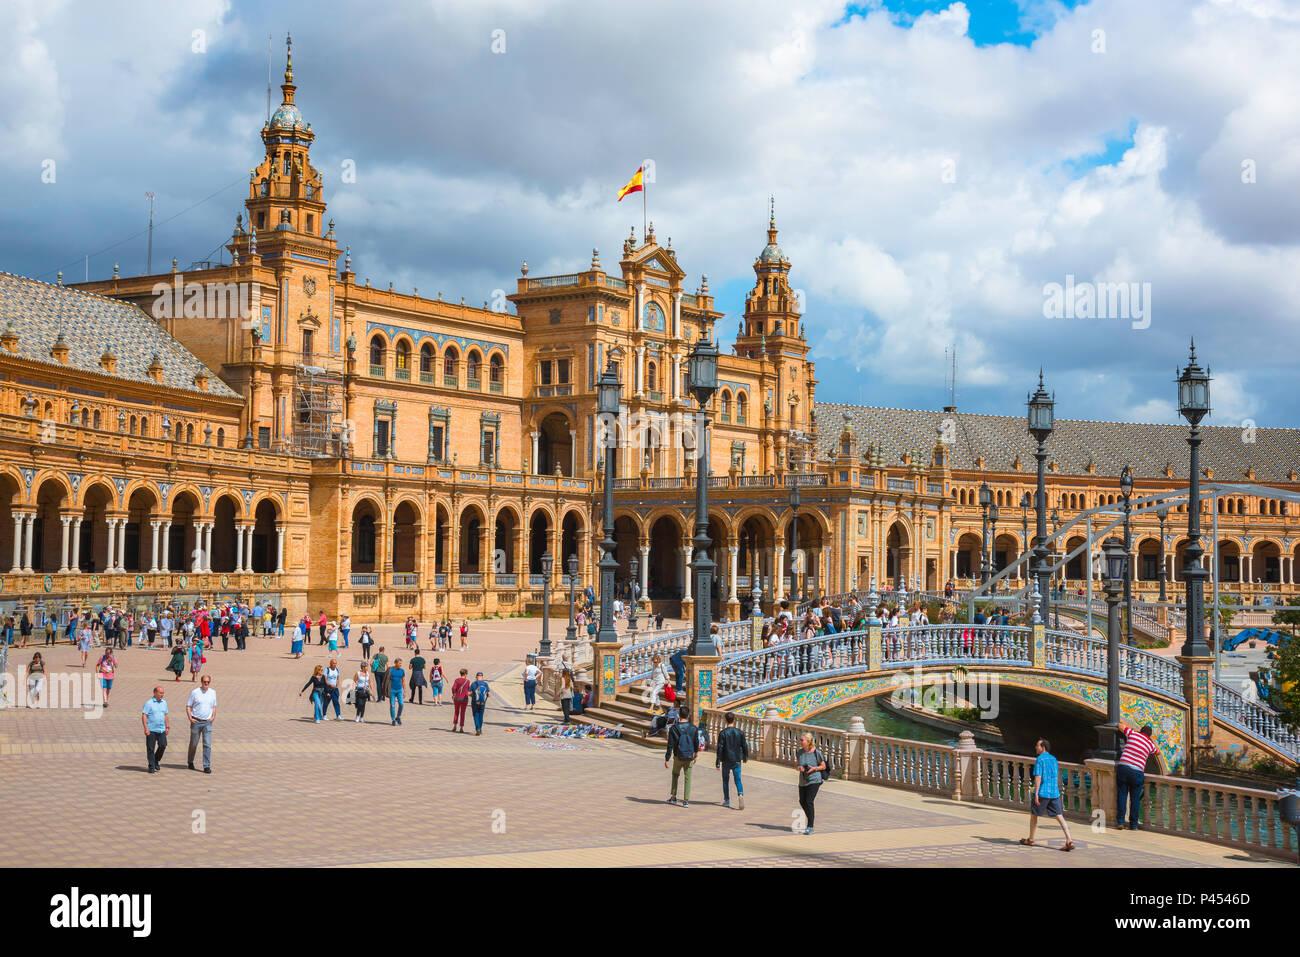 Plaza de Espana di Siviglia, vista di persone a piedi attraverso la Plaza de Espana in Siviglia (Sevilla) su un pomeriggio d'estate, Andalusia, Spagna. Immagini Stock